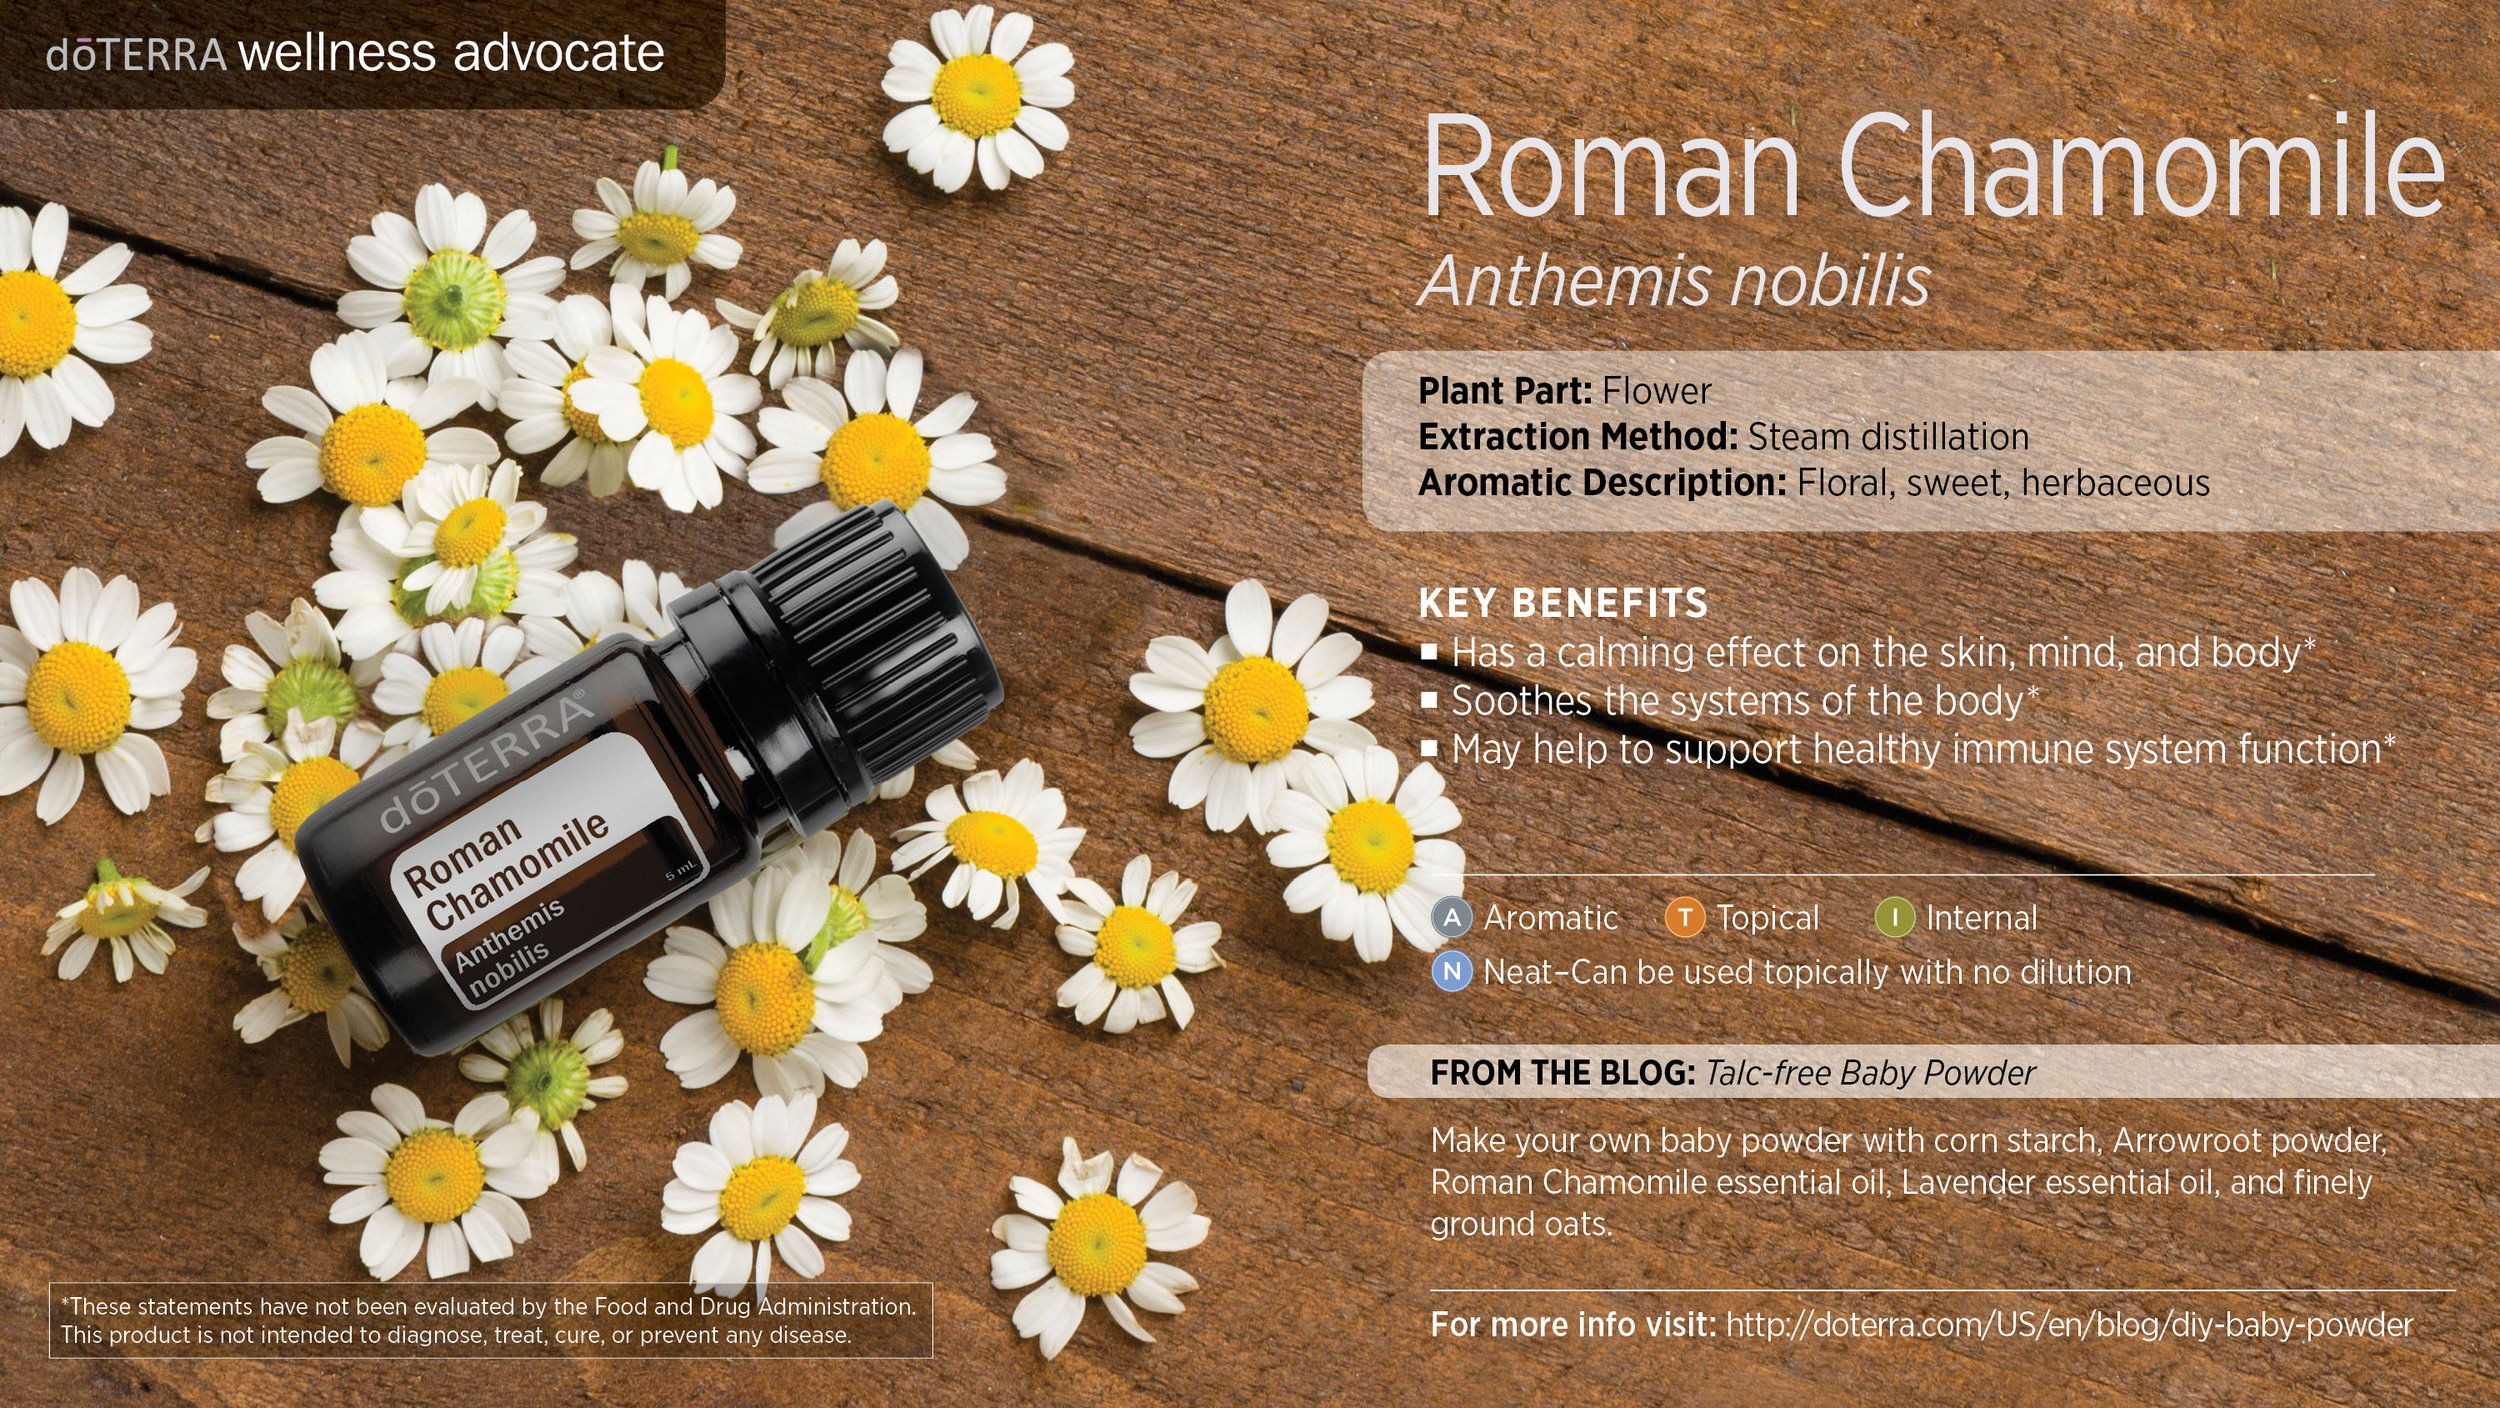 wa-roman-chamomile.jpg